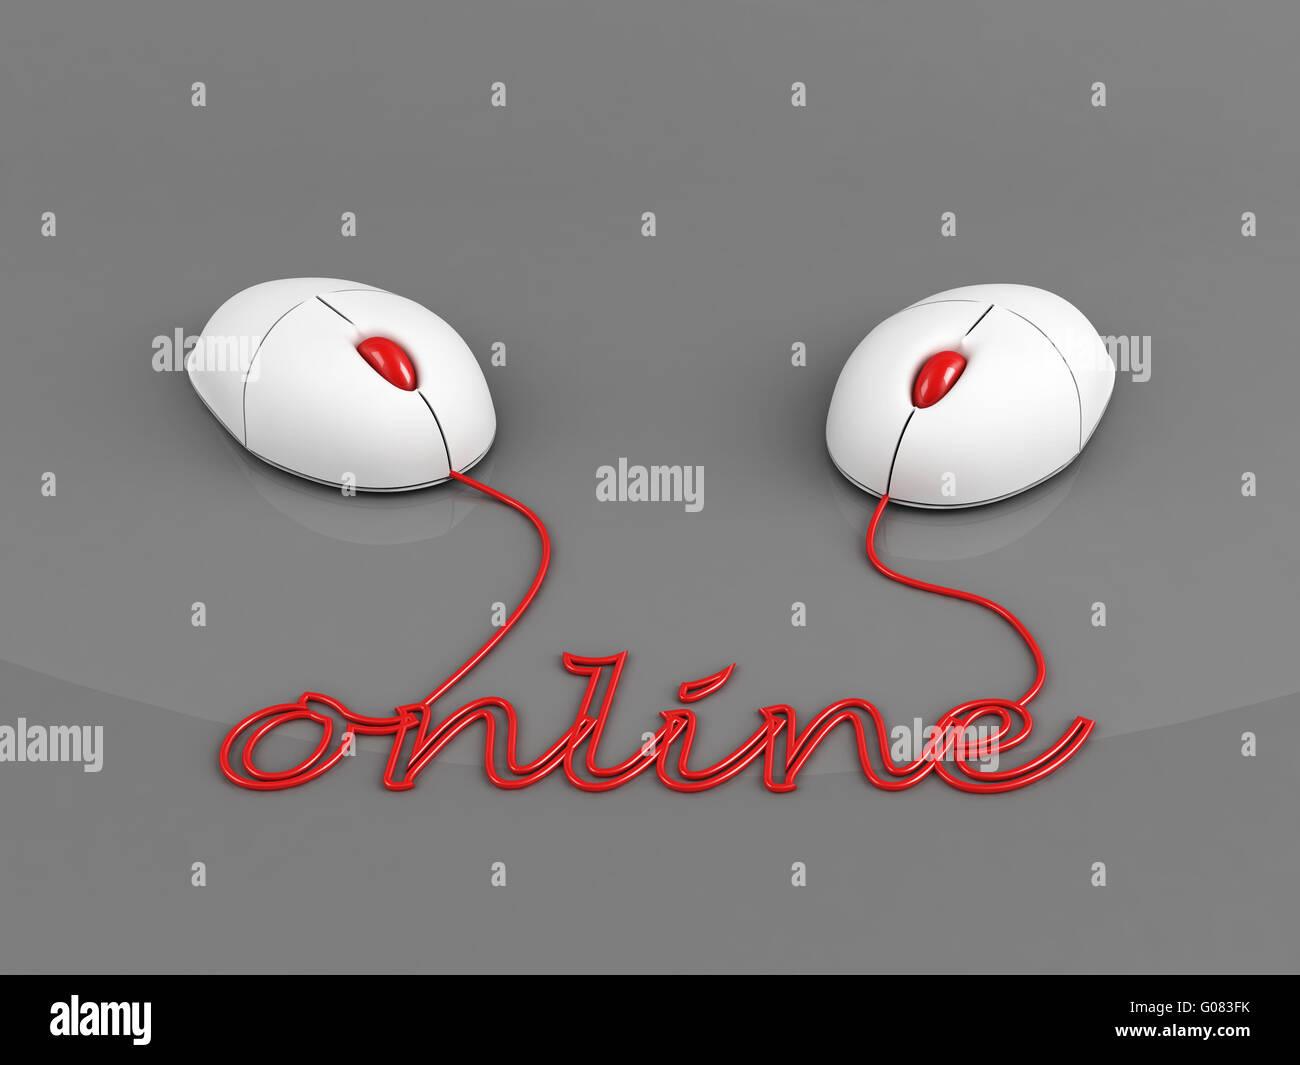 Concepto de conexión en línea sobre fondo gris Imagen De Stock